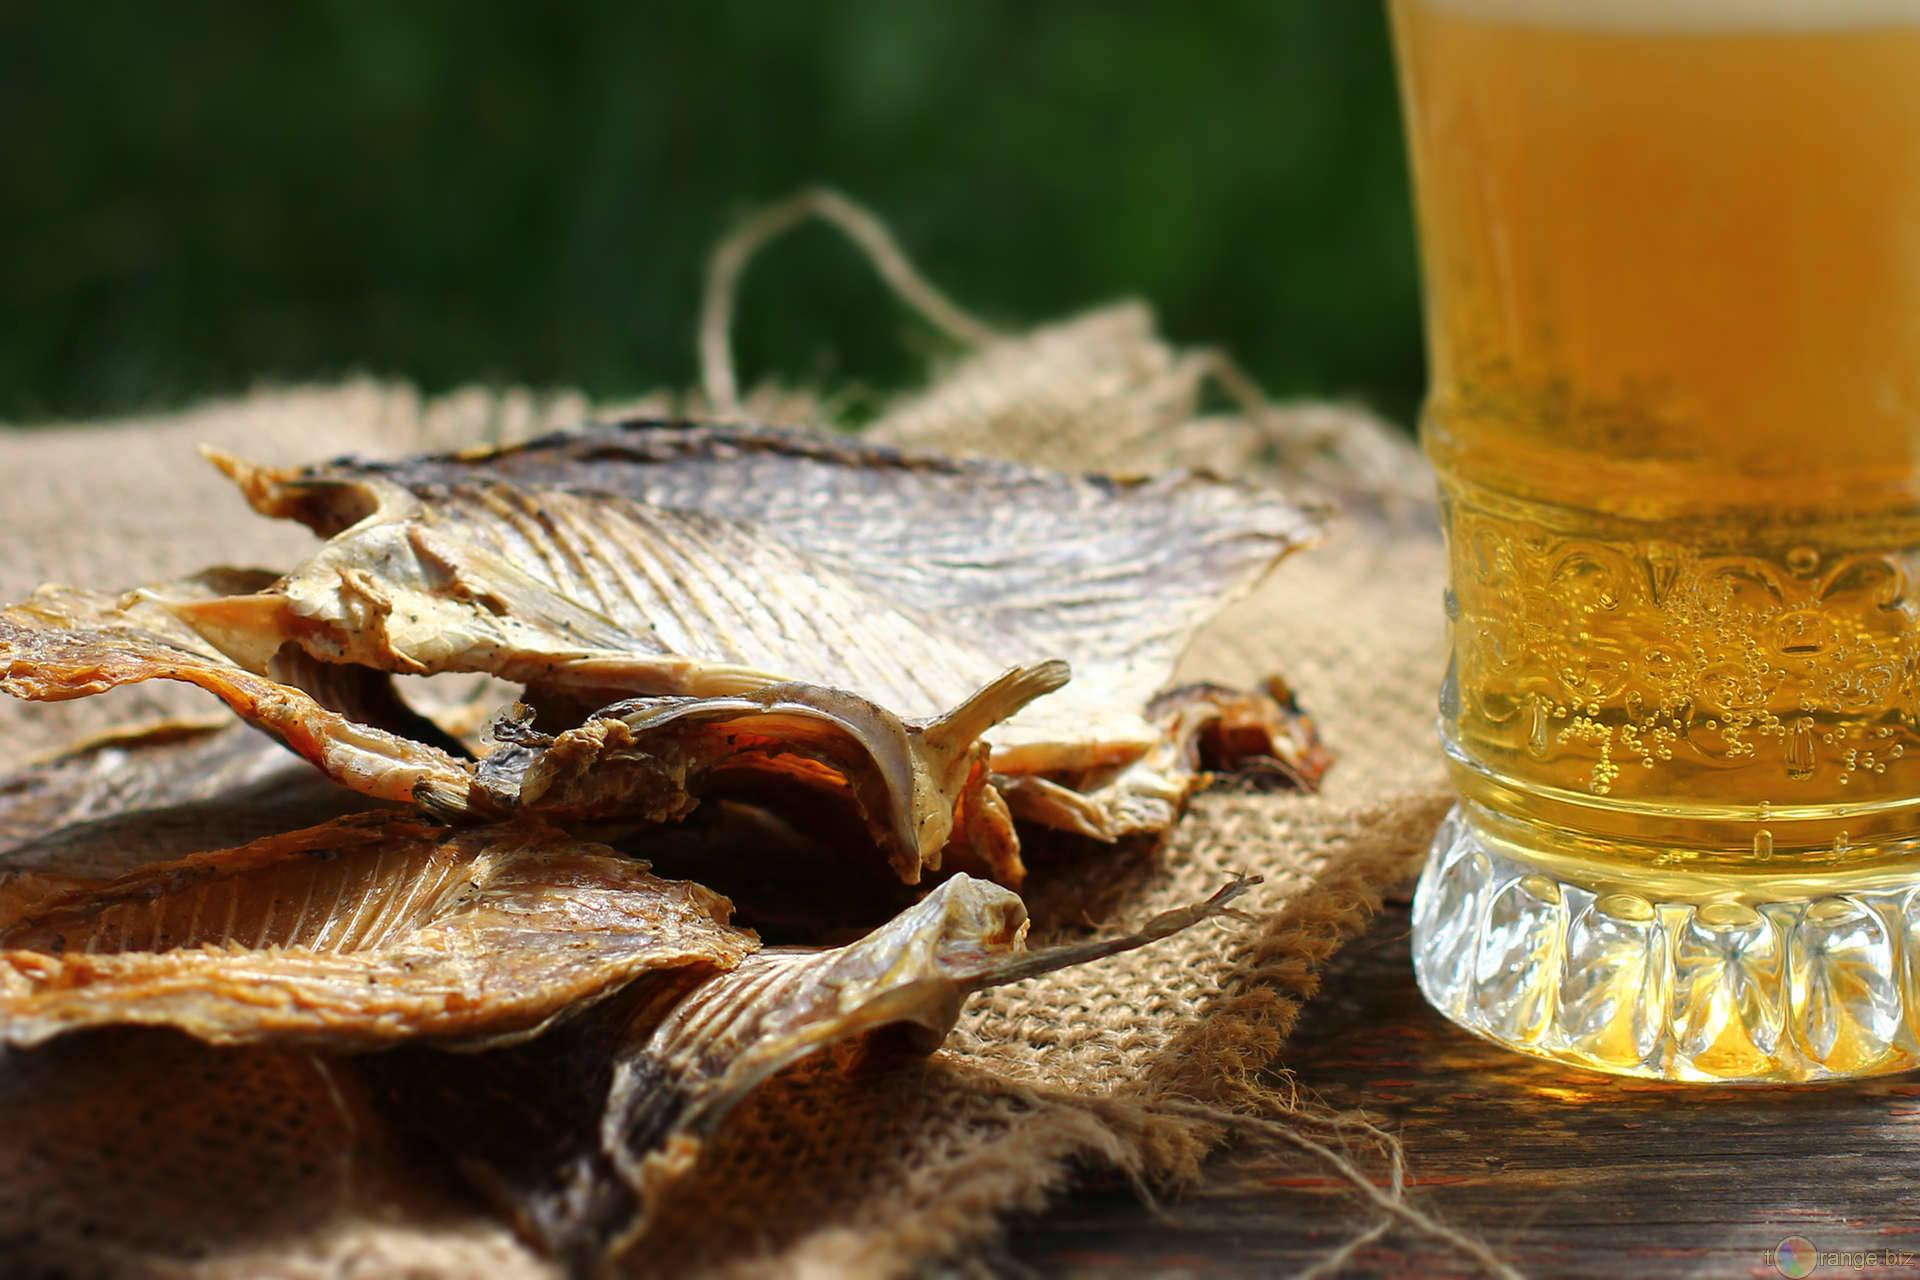 неба есть красивые картинки с пивом и рыбой ценам ниже